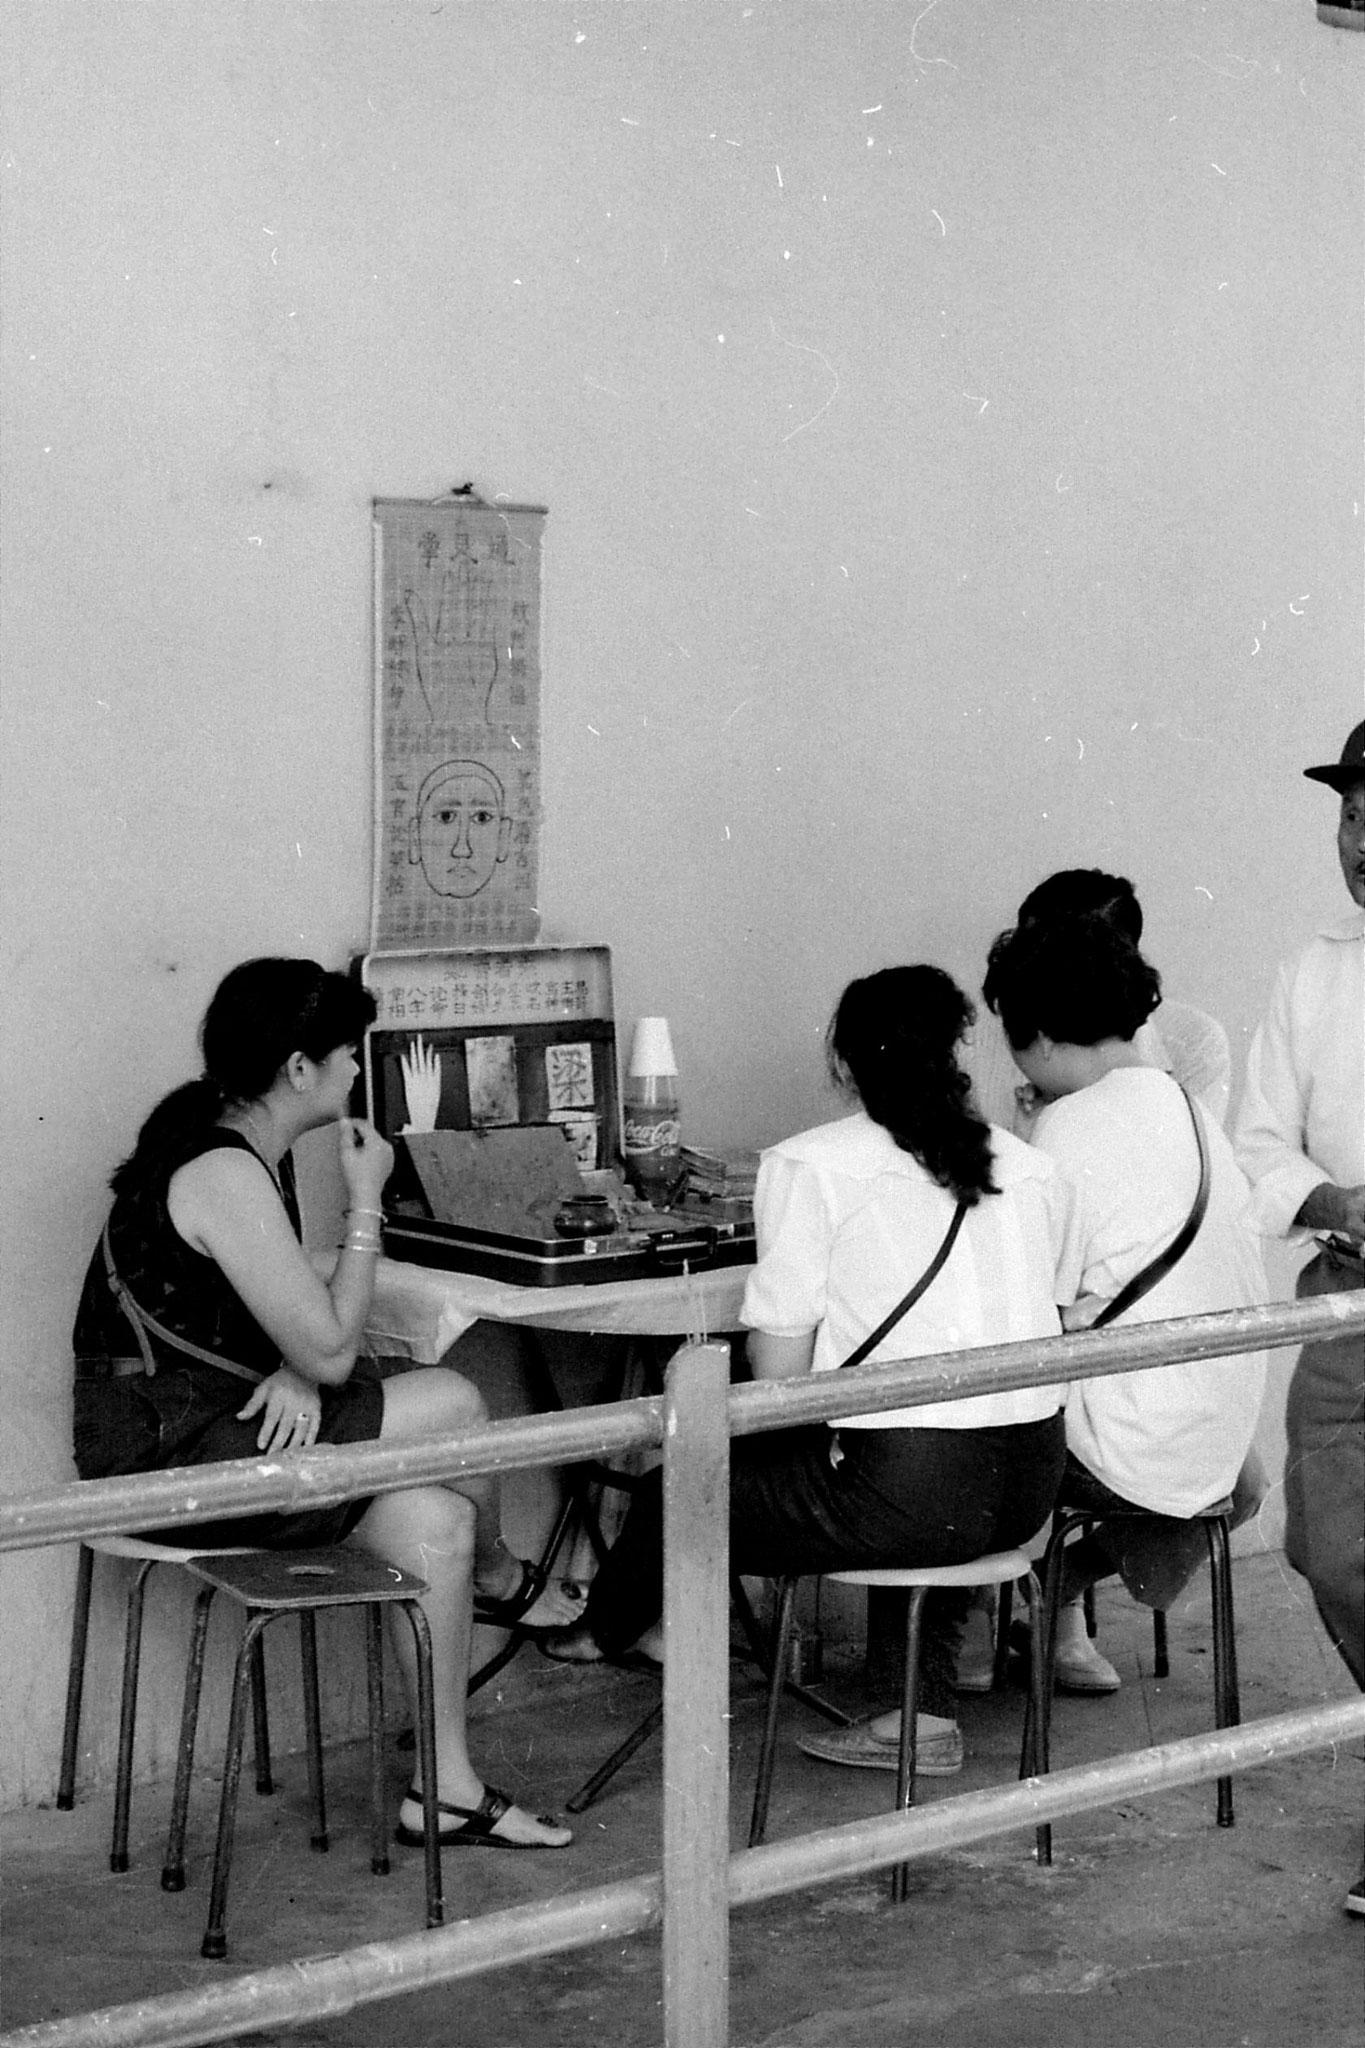 2/7/1990: 21: Singapore Chinatown